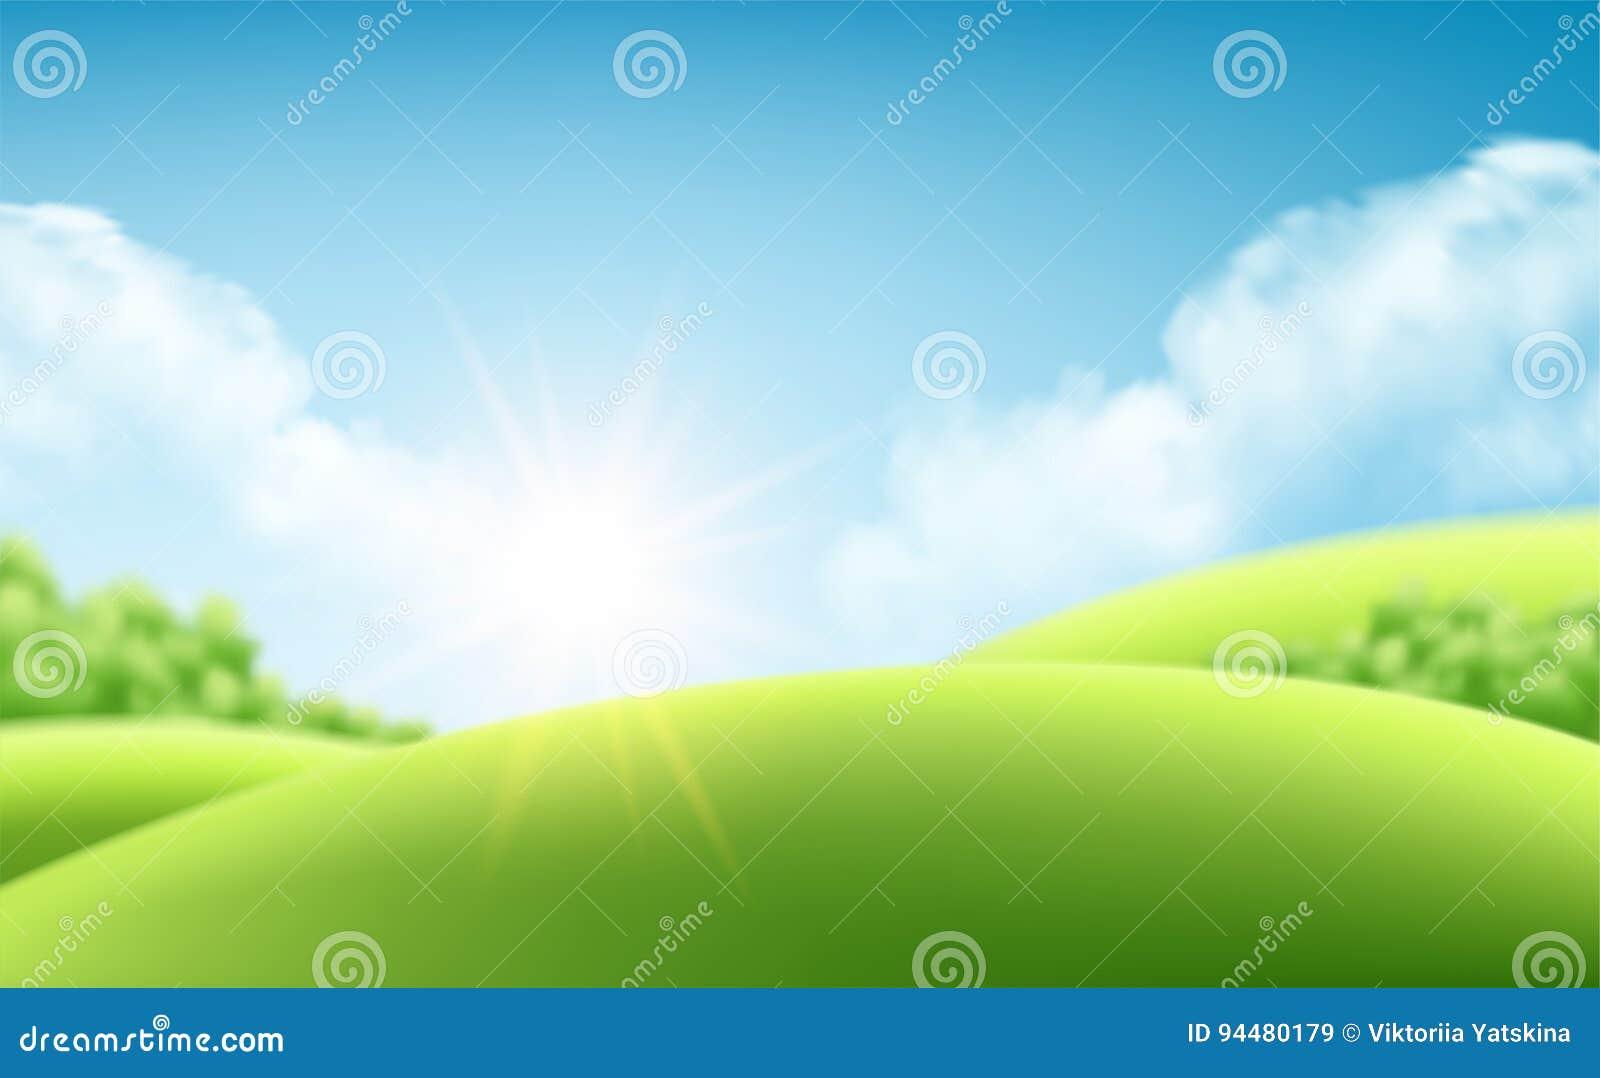 Fondo de la salida del sol de la naturaleza del verano, un paisaje con las colinas verdes y los prados, cielo azul y nubes Ilustr